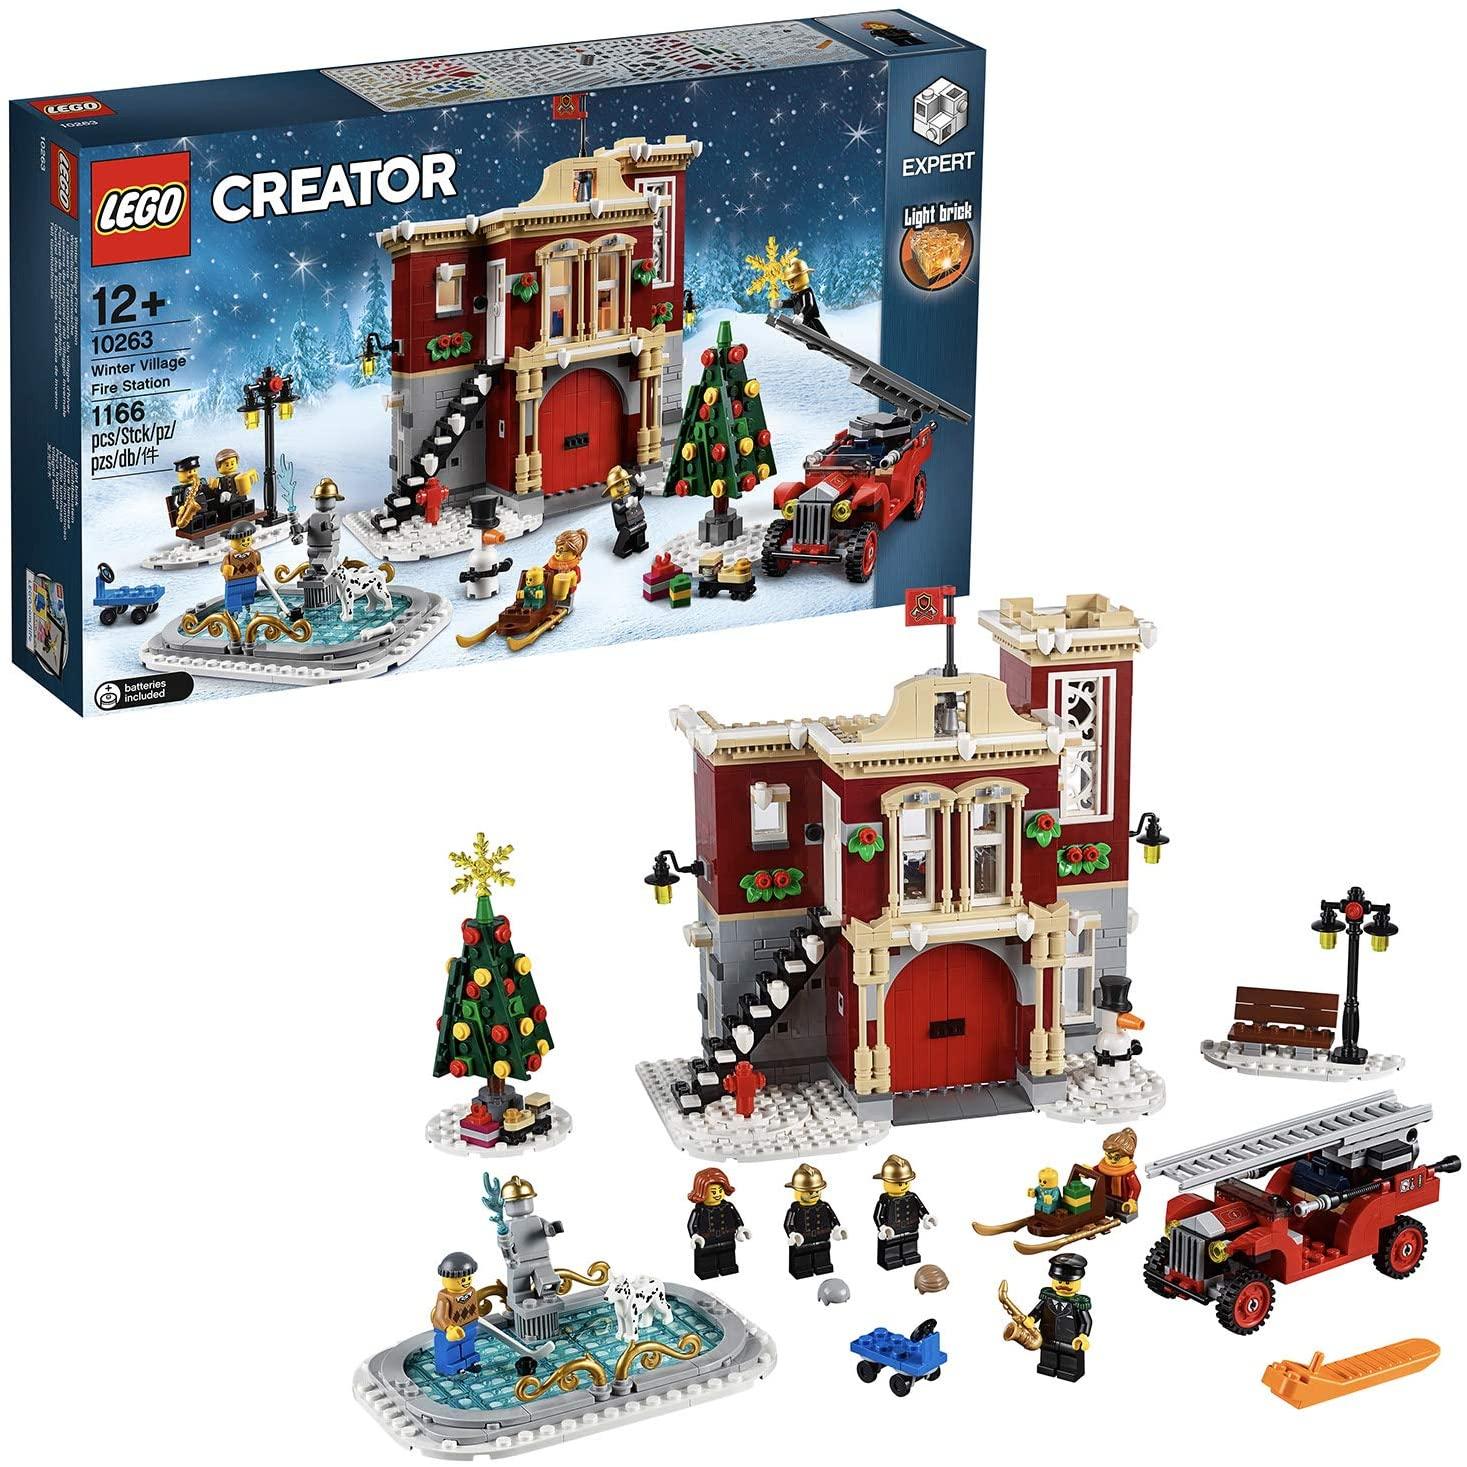 LEGO Creator Winterliche Feuerwache